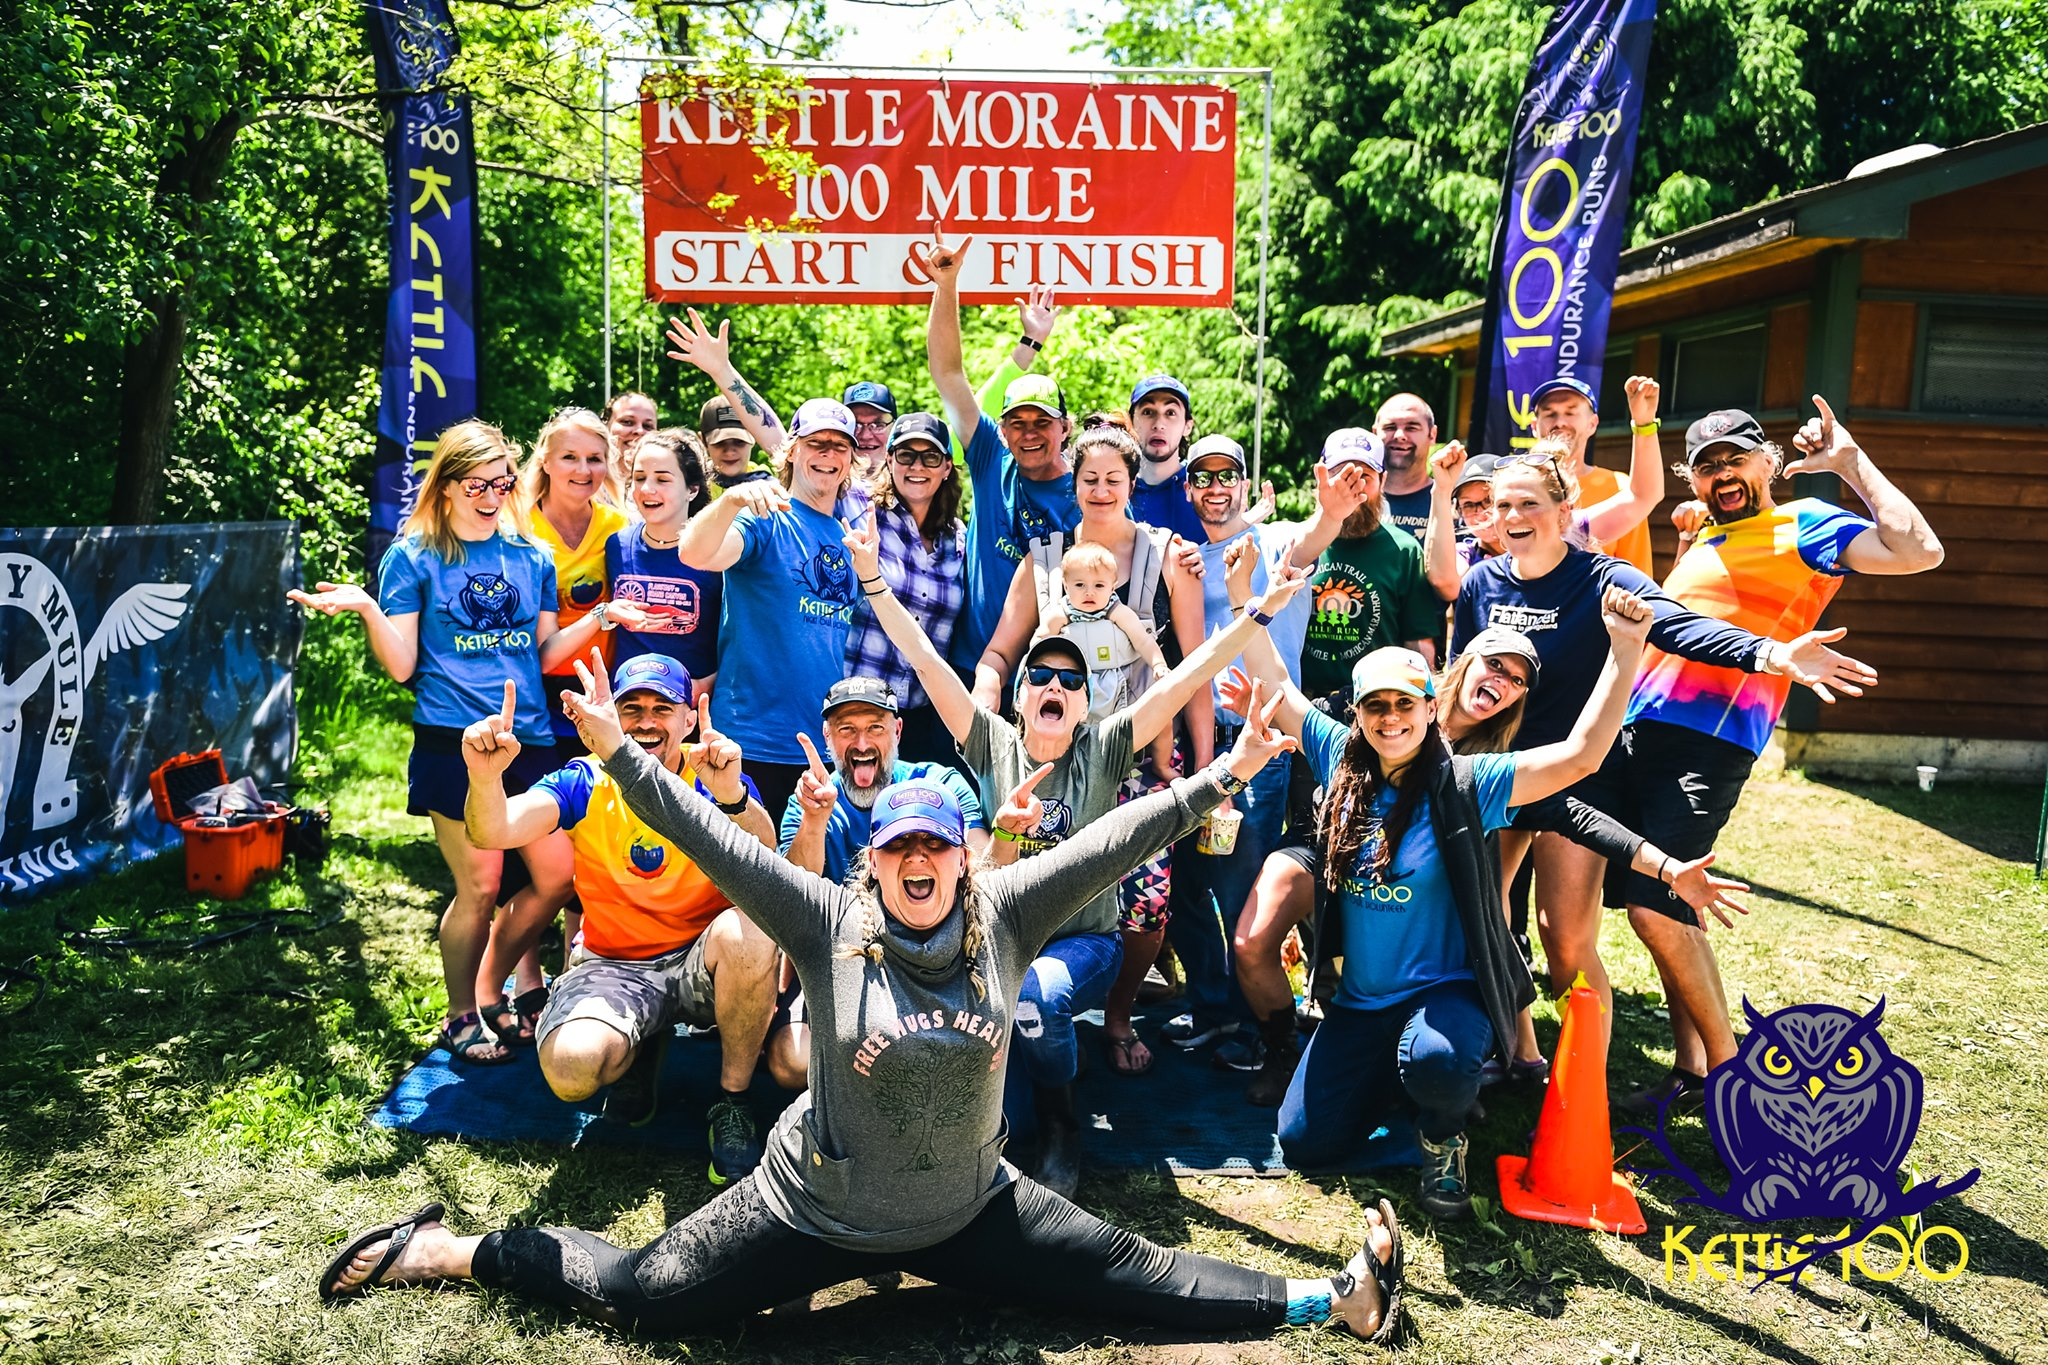 Volunteer finish line picture!